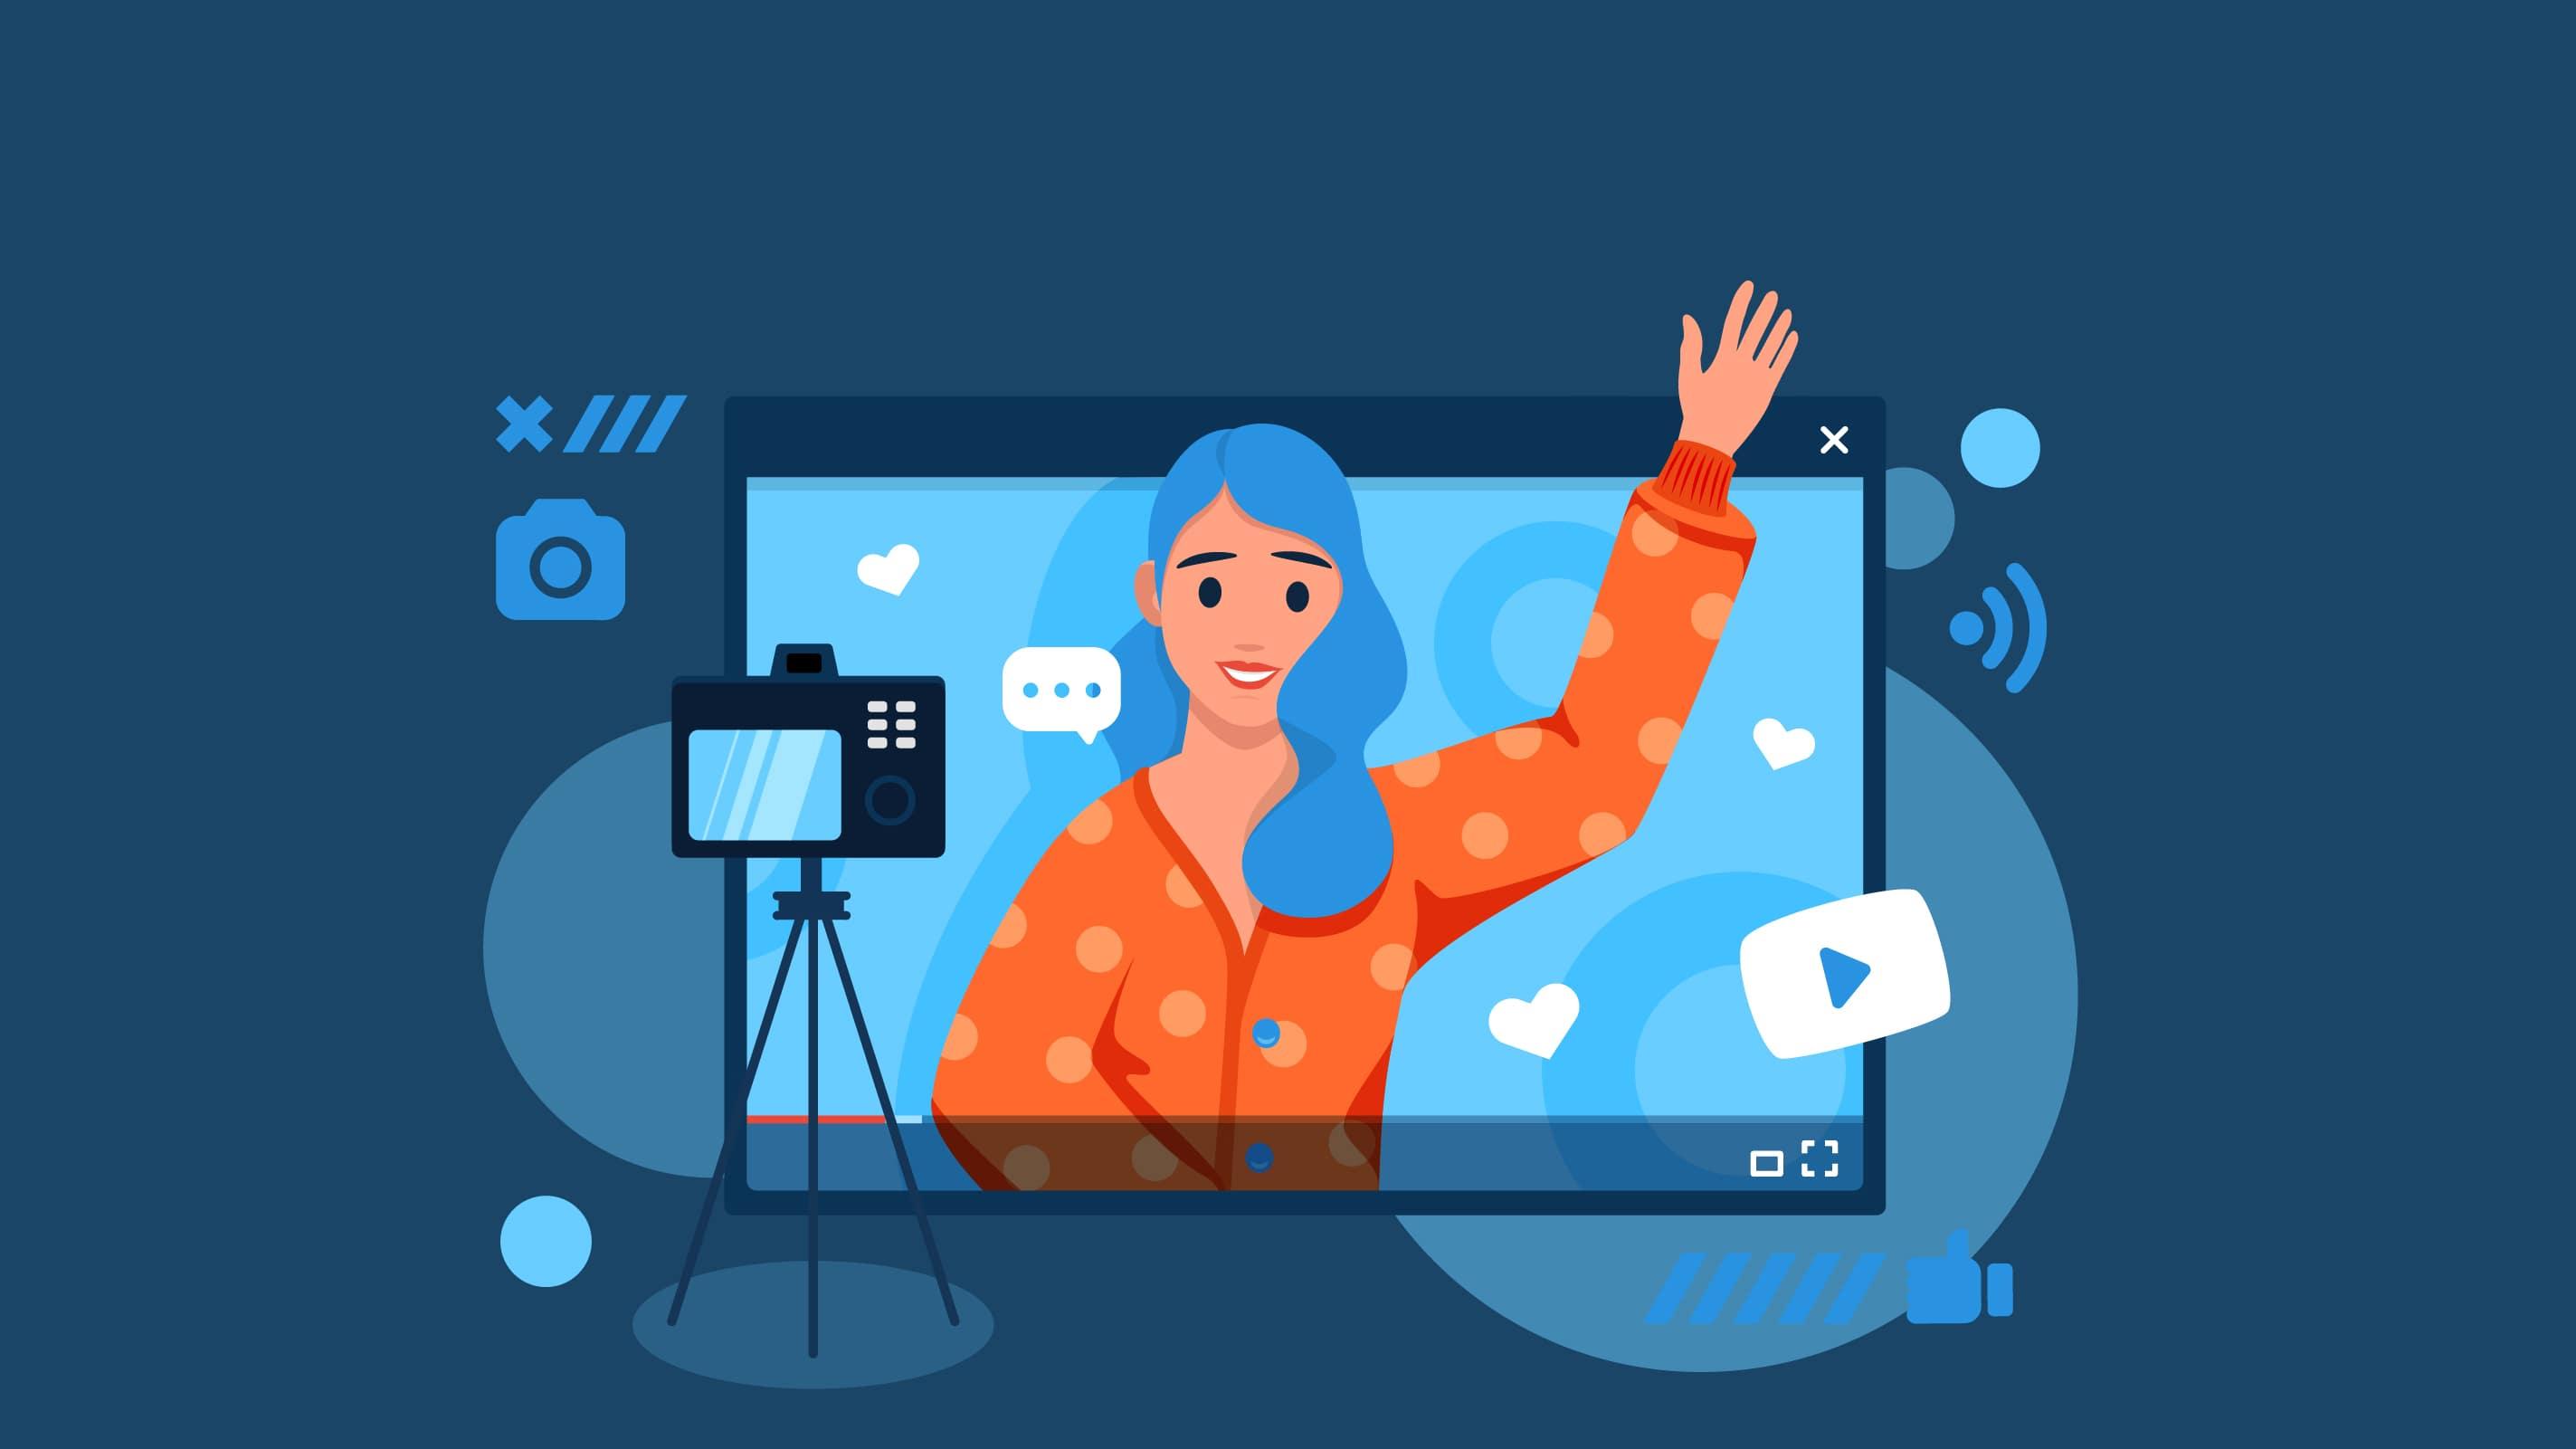 Par quels moyens les mesures sanitaires sont affectées par les réseaux sociaux ?